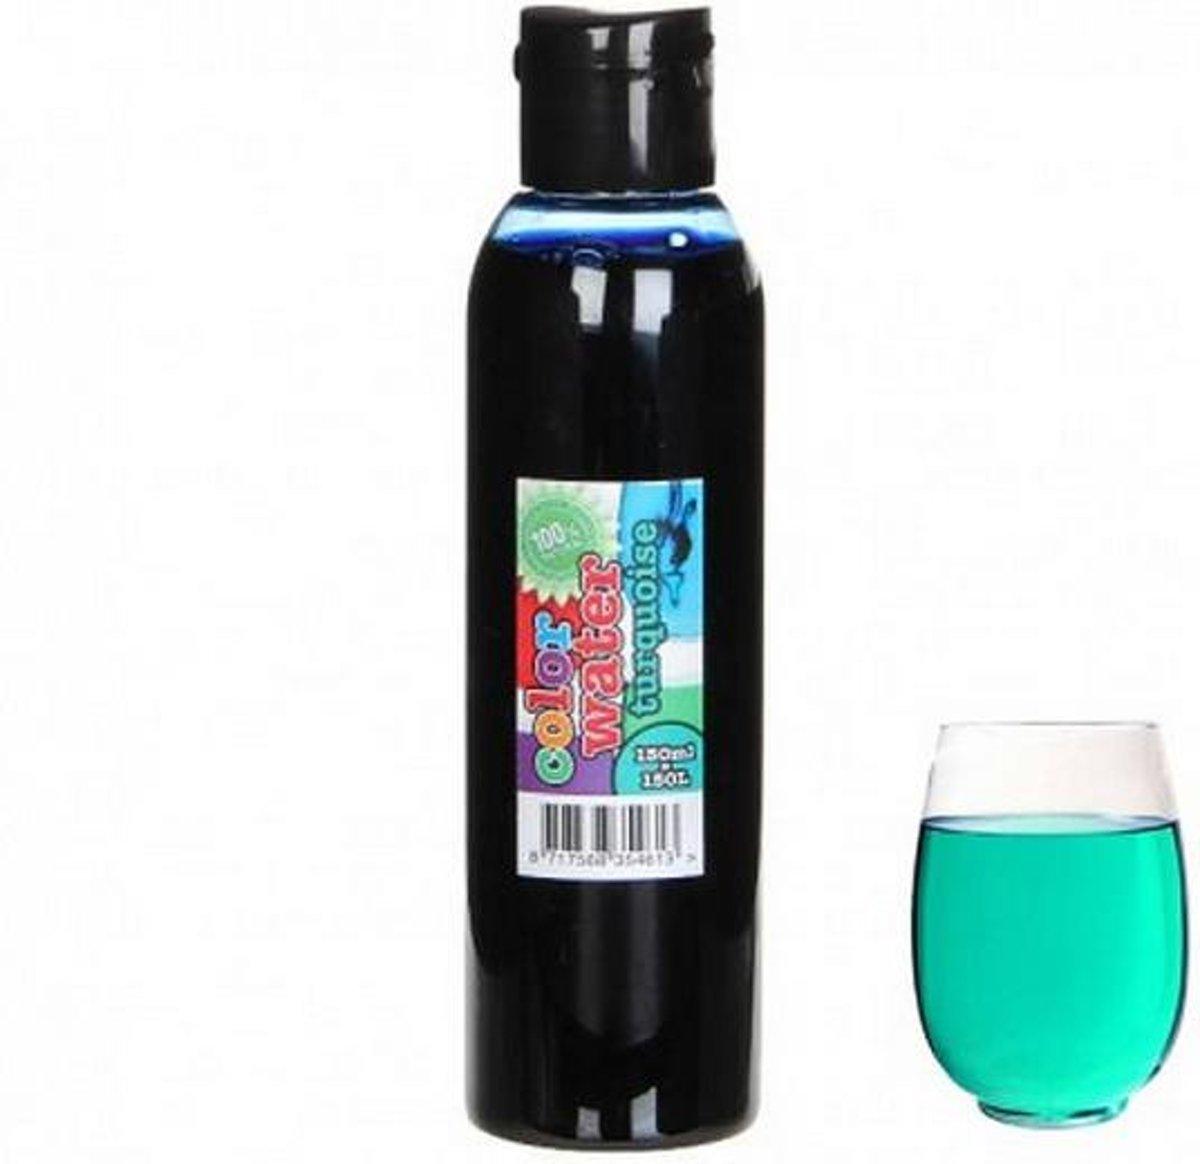 Kleurstof 150 ml - turquoise - set van 6 stuks kopen